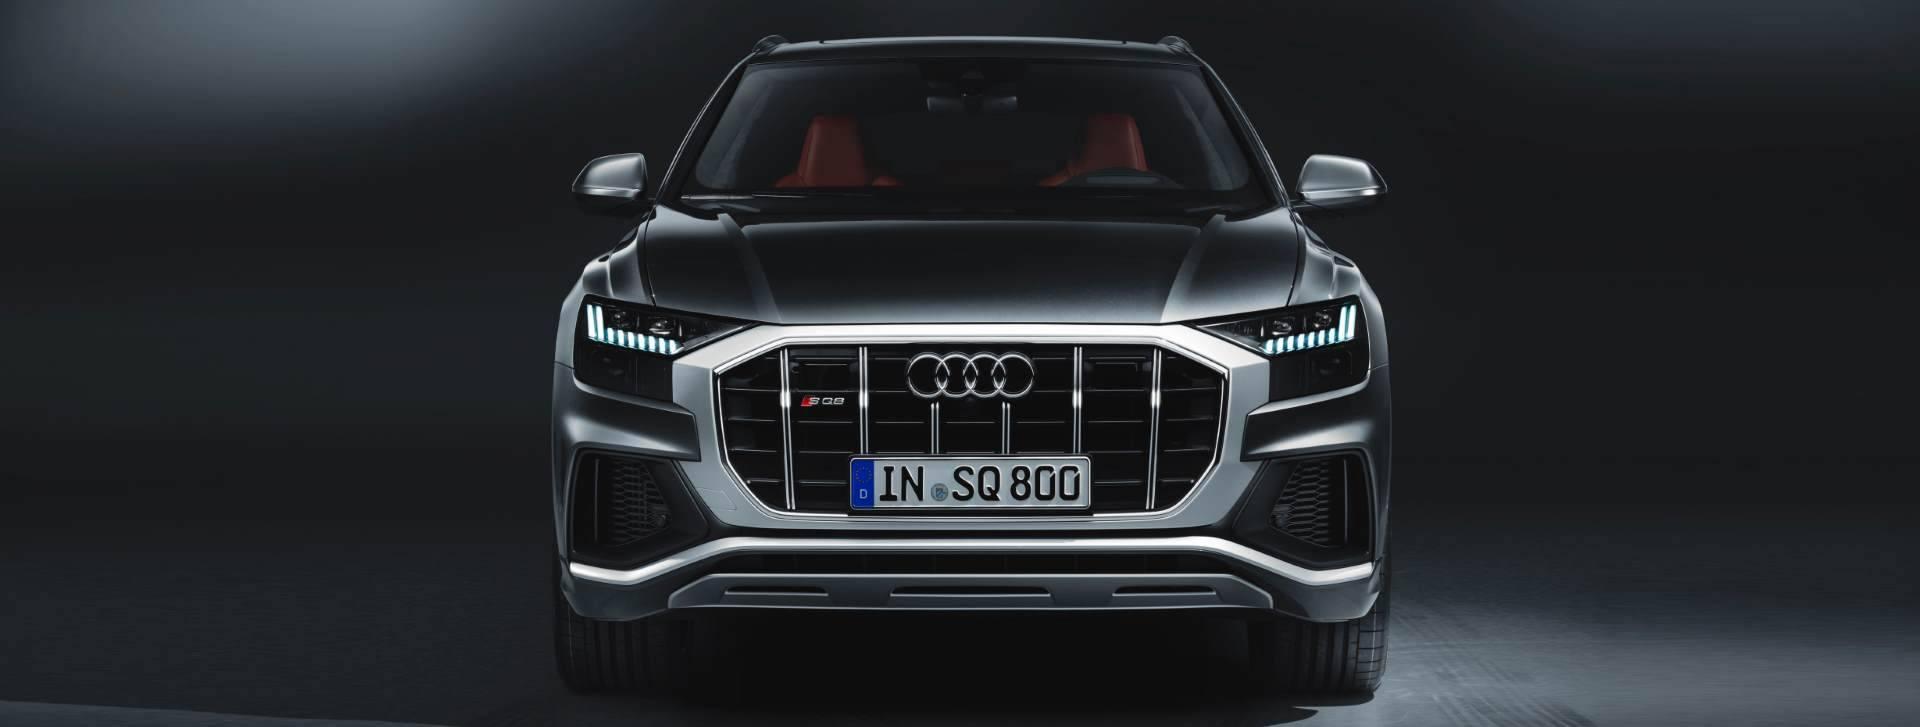 Nouvelle Audi SQ8 TDI 2020 occasion